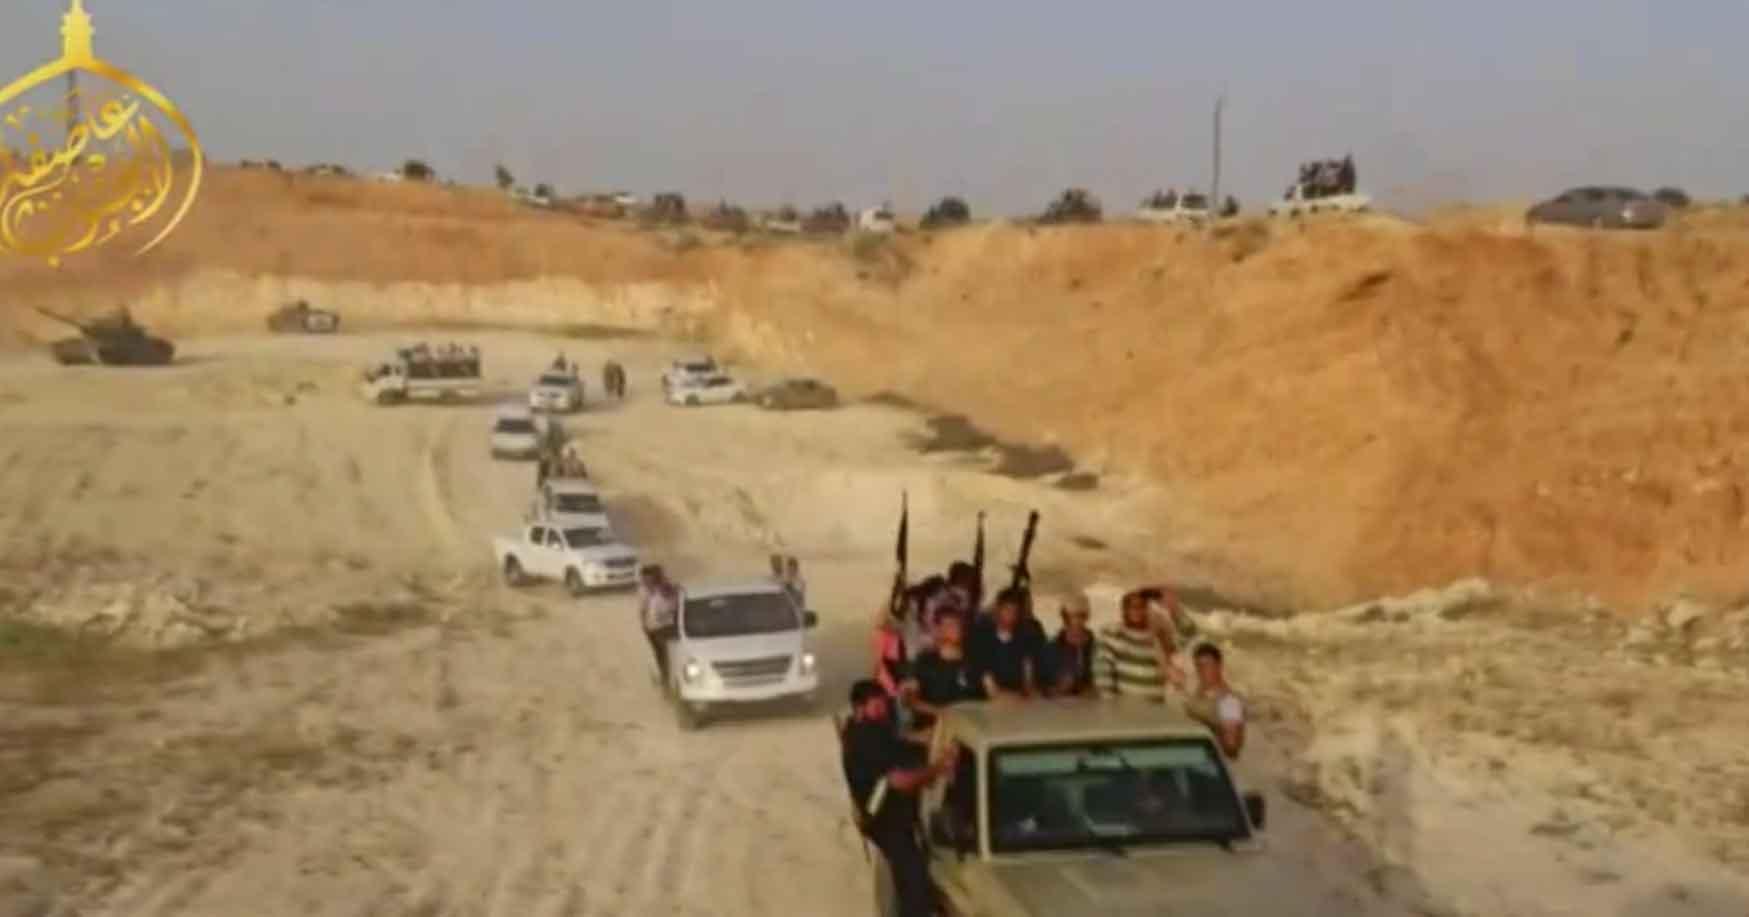 промоушен нового наступления оппозиции в Дараа